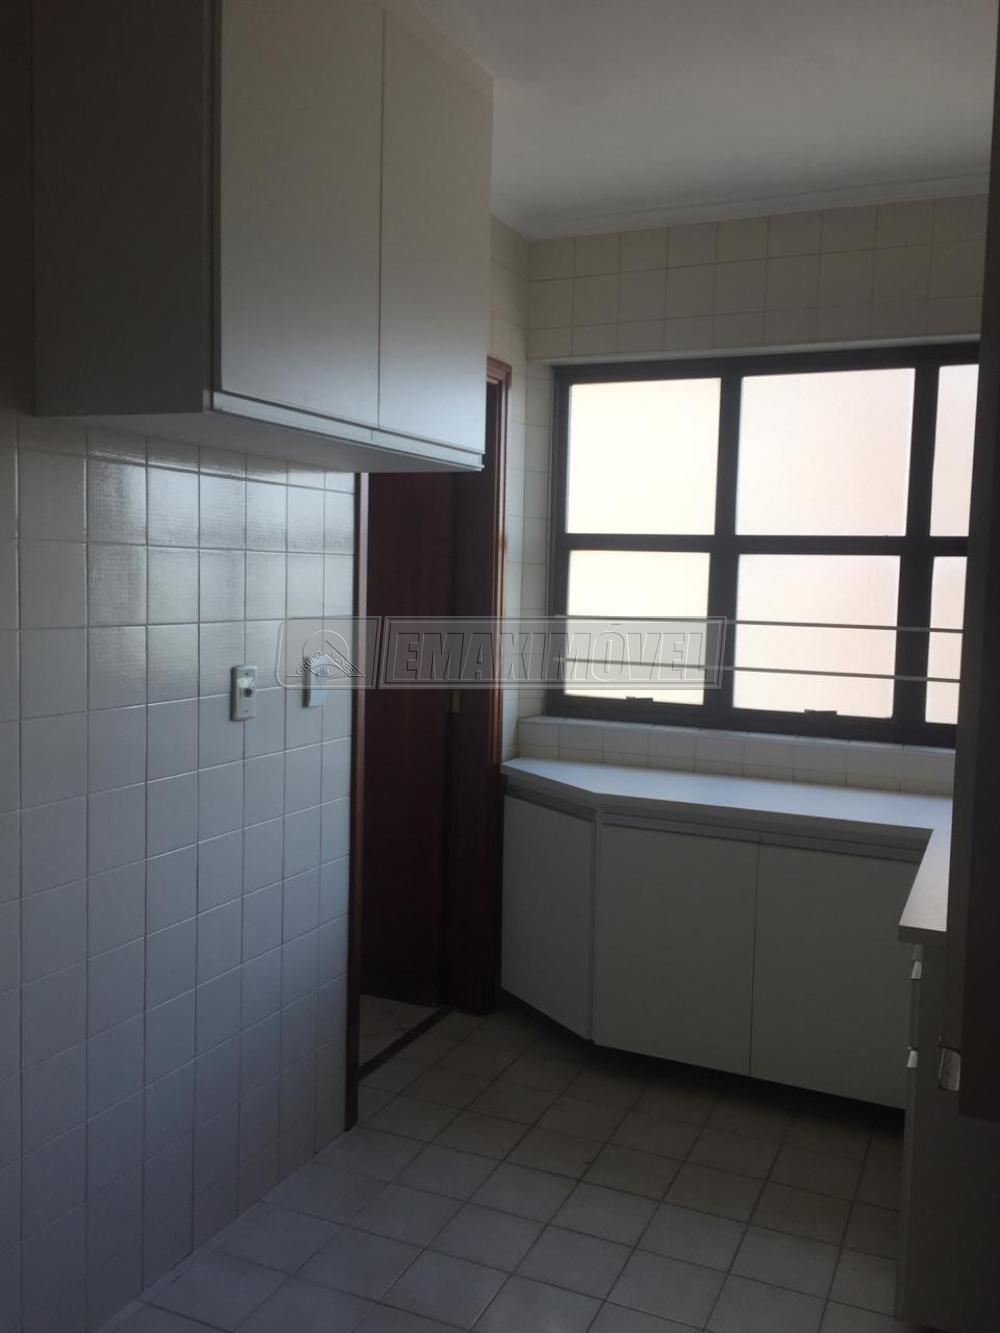 Alugar Apartamentos / Apto Padrão em Sorocaba apenas R$ 2.300,00 - Foto 33